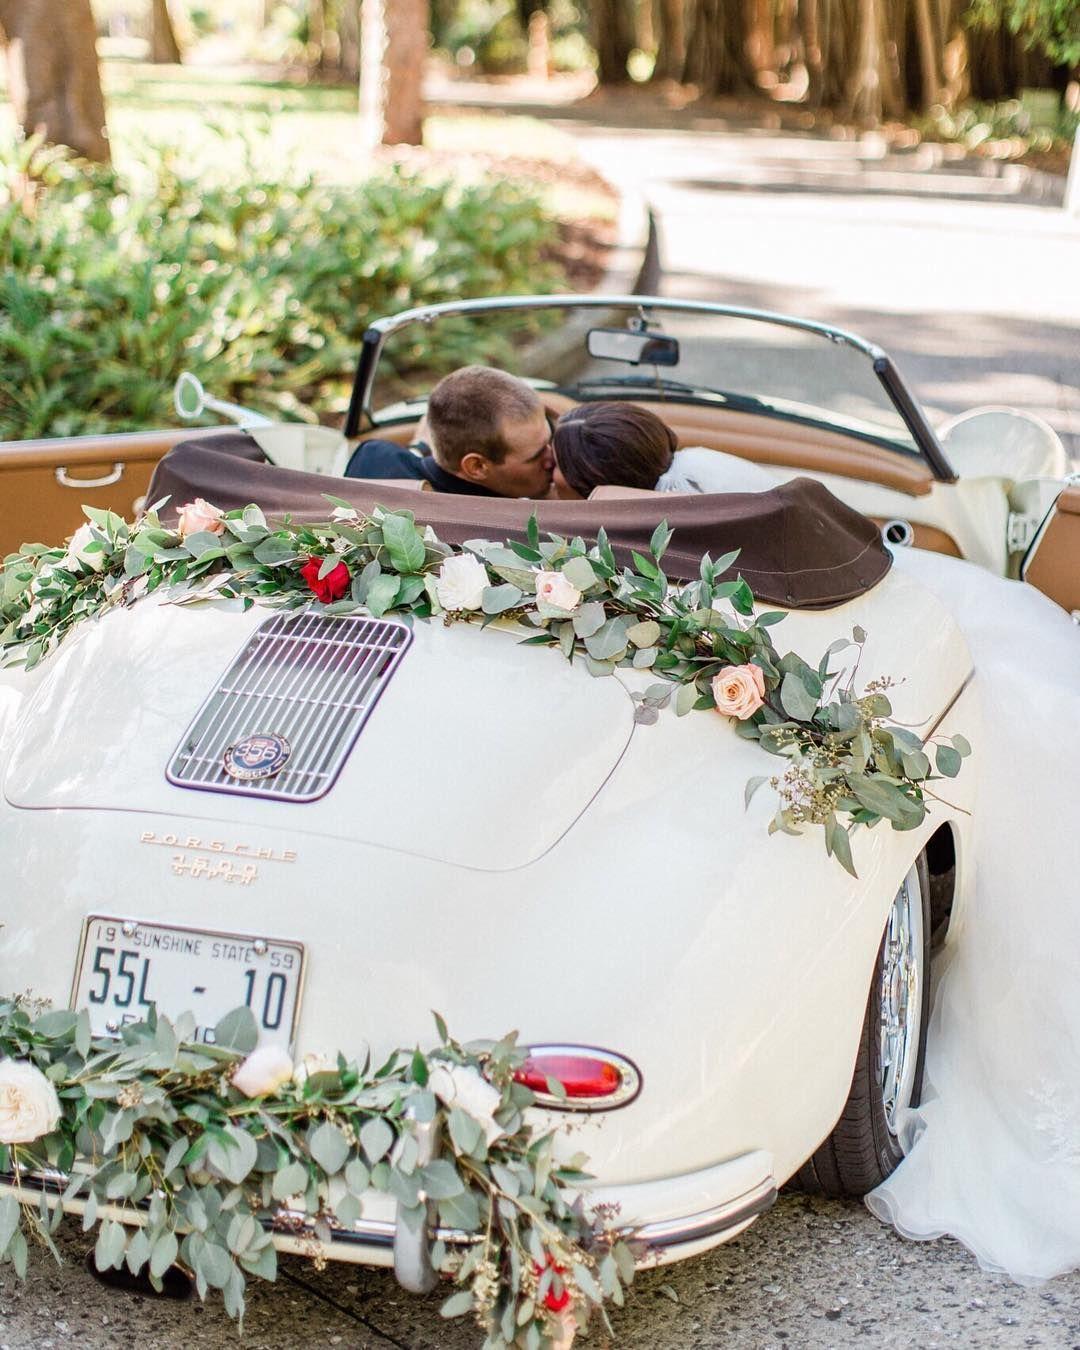 Casiemariephotography Wwwrevviescom Inspiration Speedster Sarasota Classics Revvies Brought Vintage Flor Braut Brautigam Hochzeit Auto Hochzeitsautos